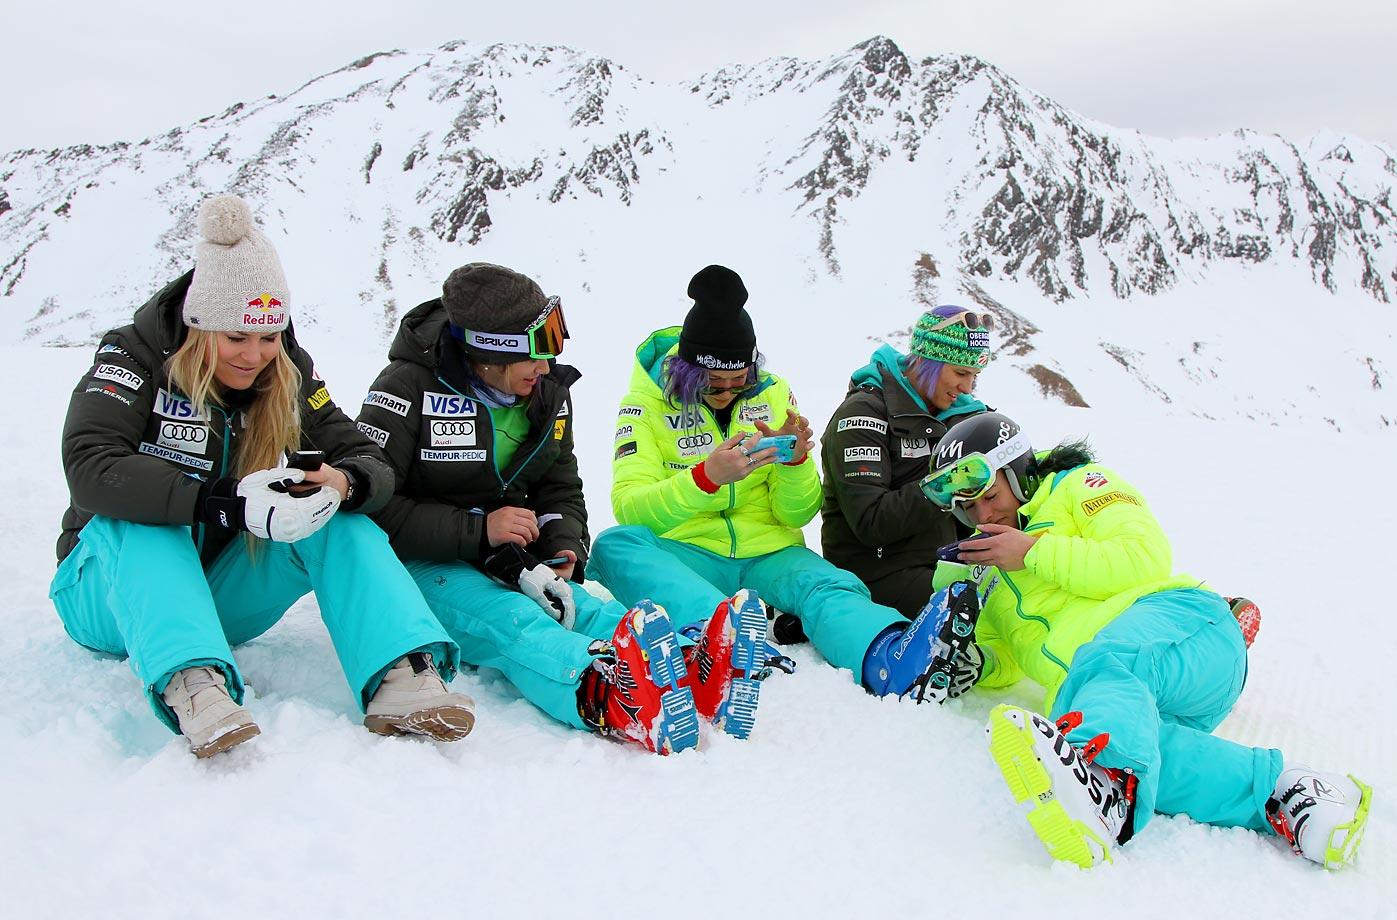 U.S. ski team members Lindsey Vonn, Alice Mckennis, Laurenne Ross, Megan Harrod and Stacey Cook take a peaceful break while in Soelden, Austria.